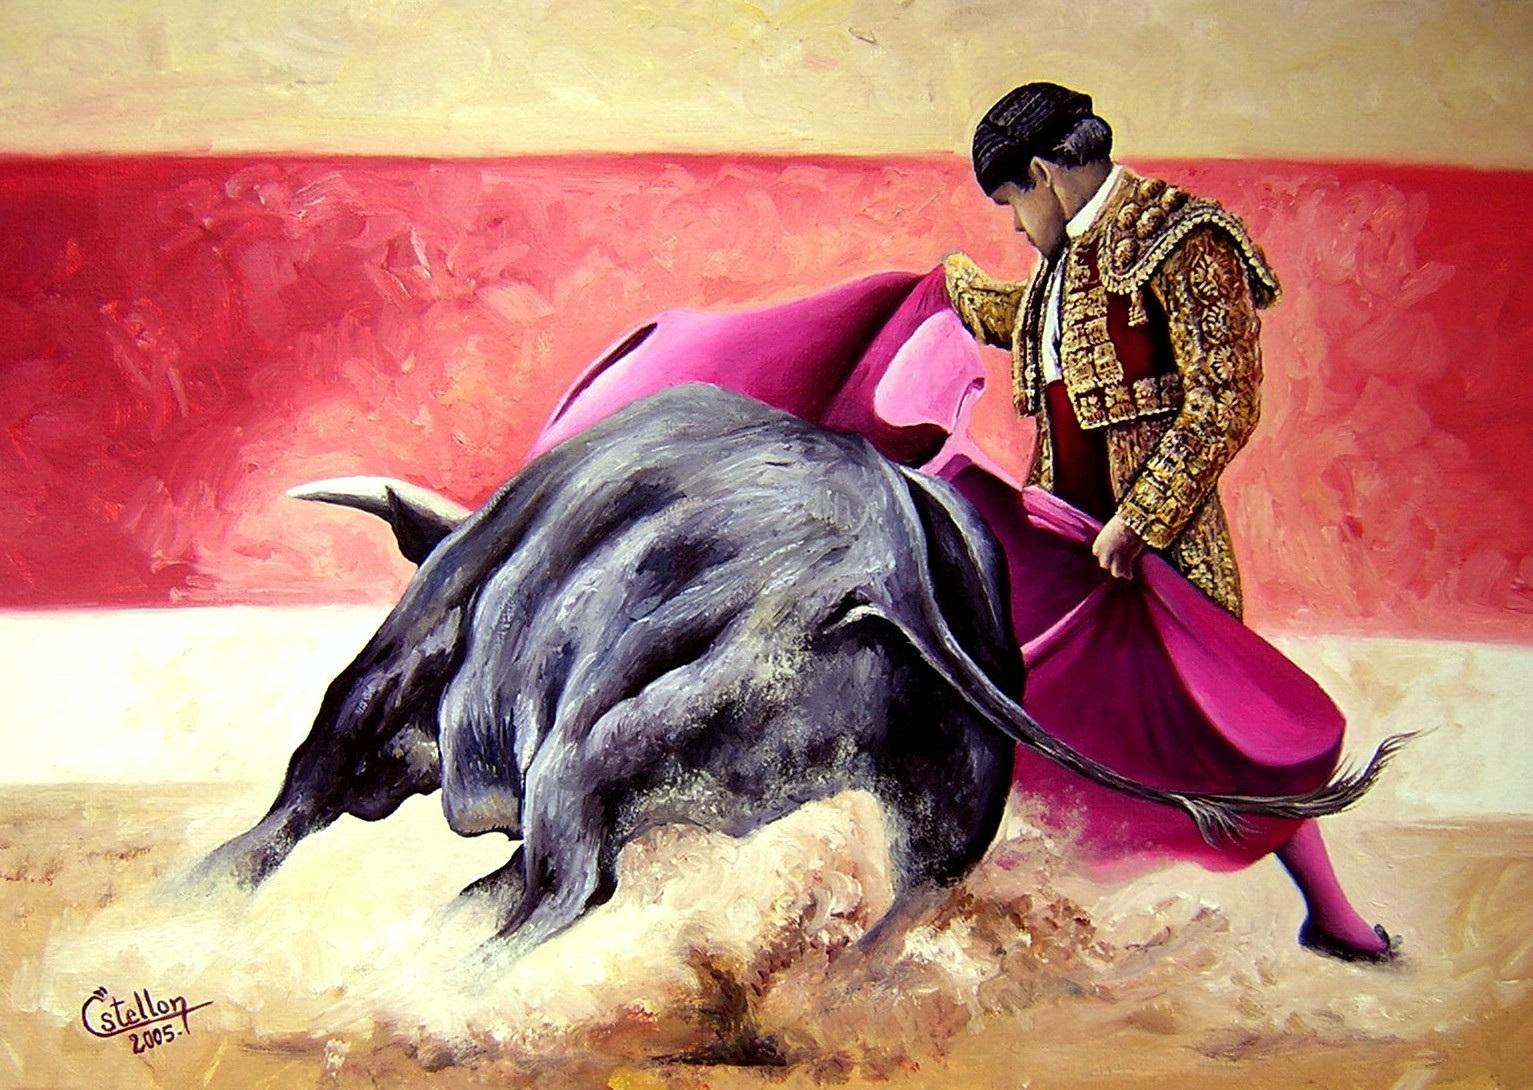 обои для рабочего стола, матадор, скачать фото, коррида, бык, бои быков